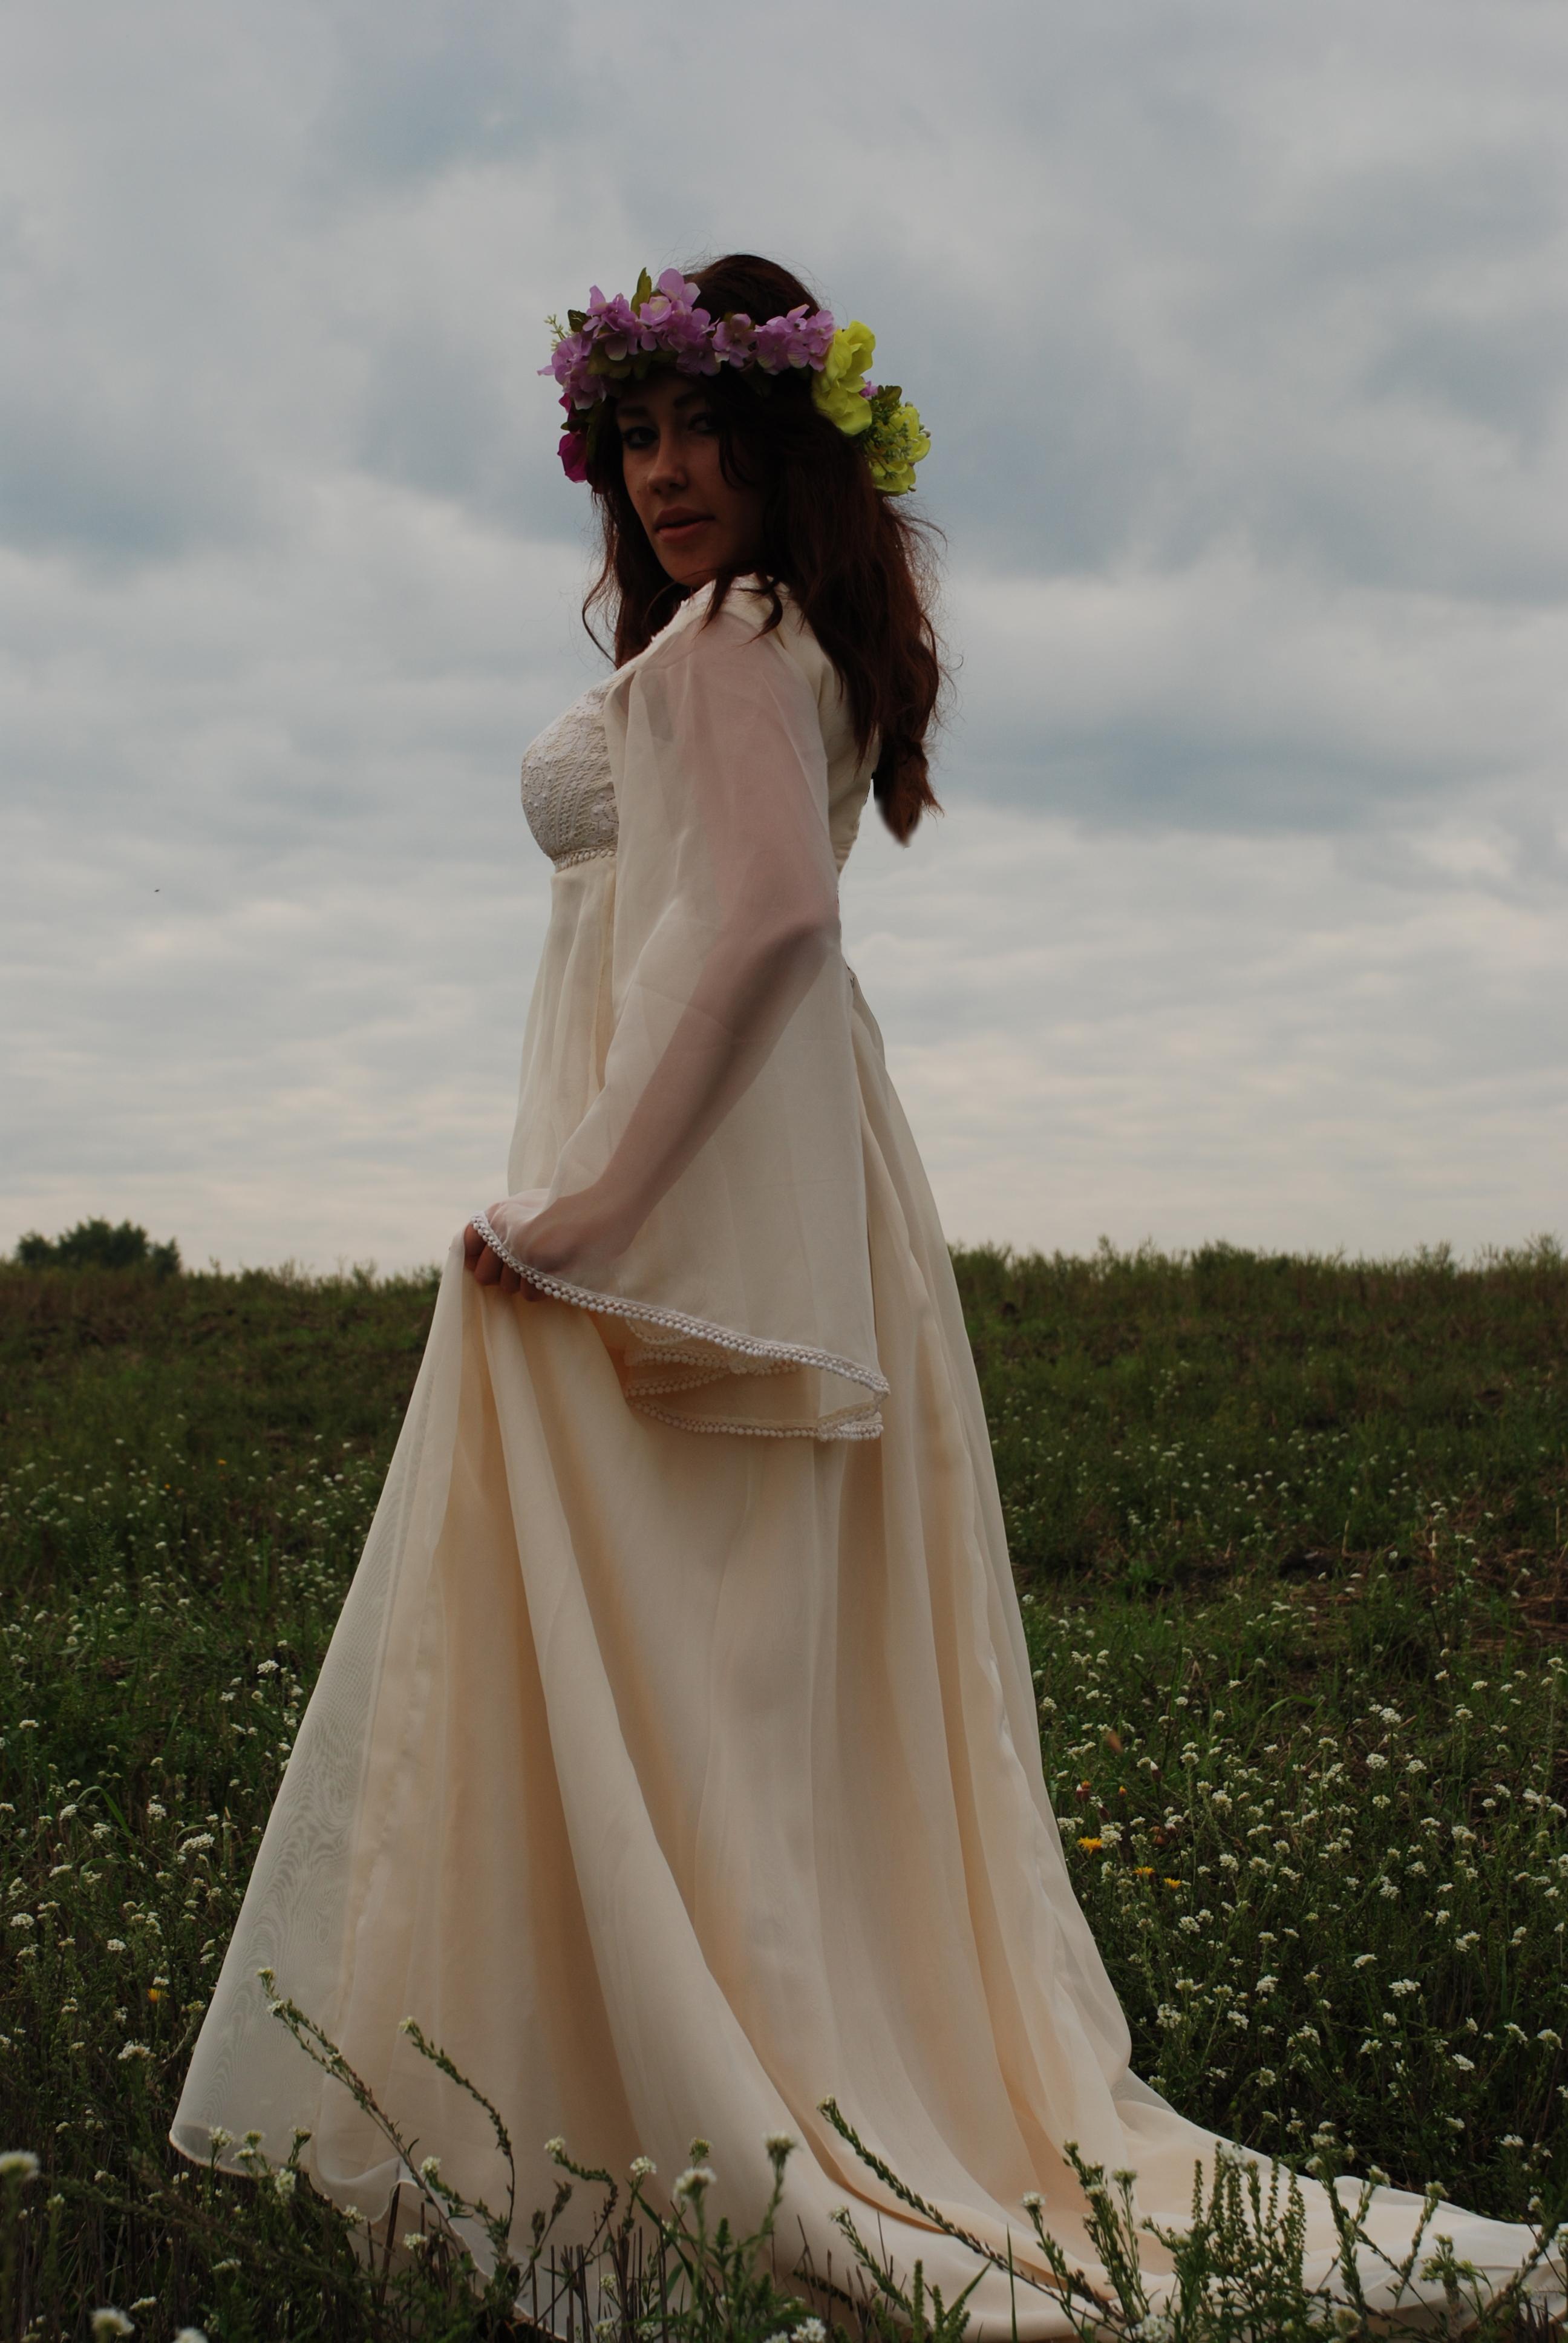 In the flower meadow_7 by anastasiya-landa